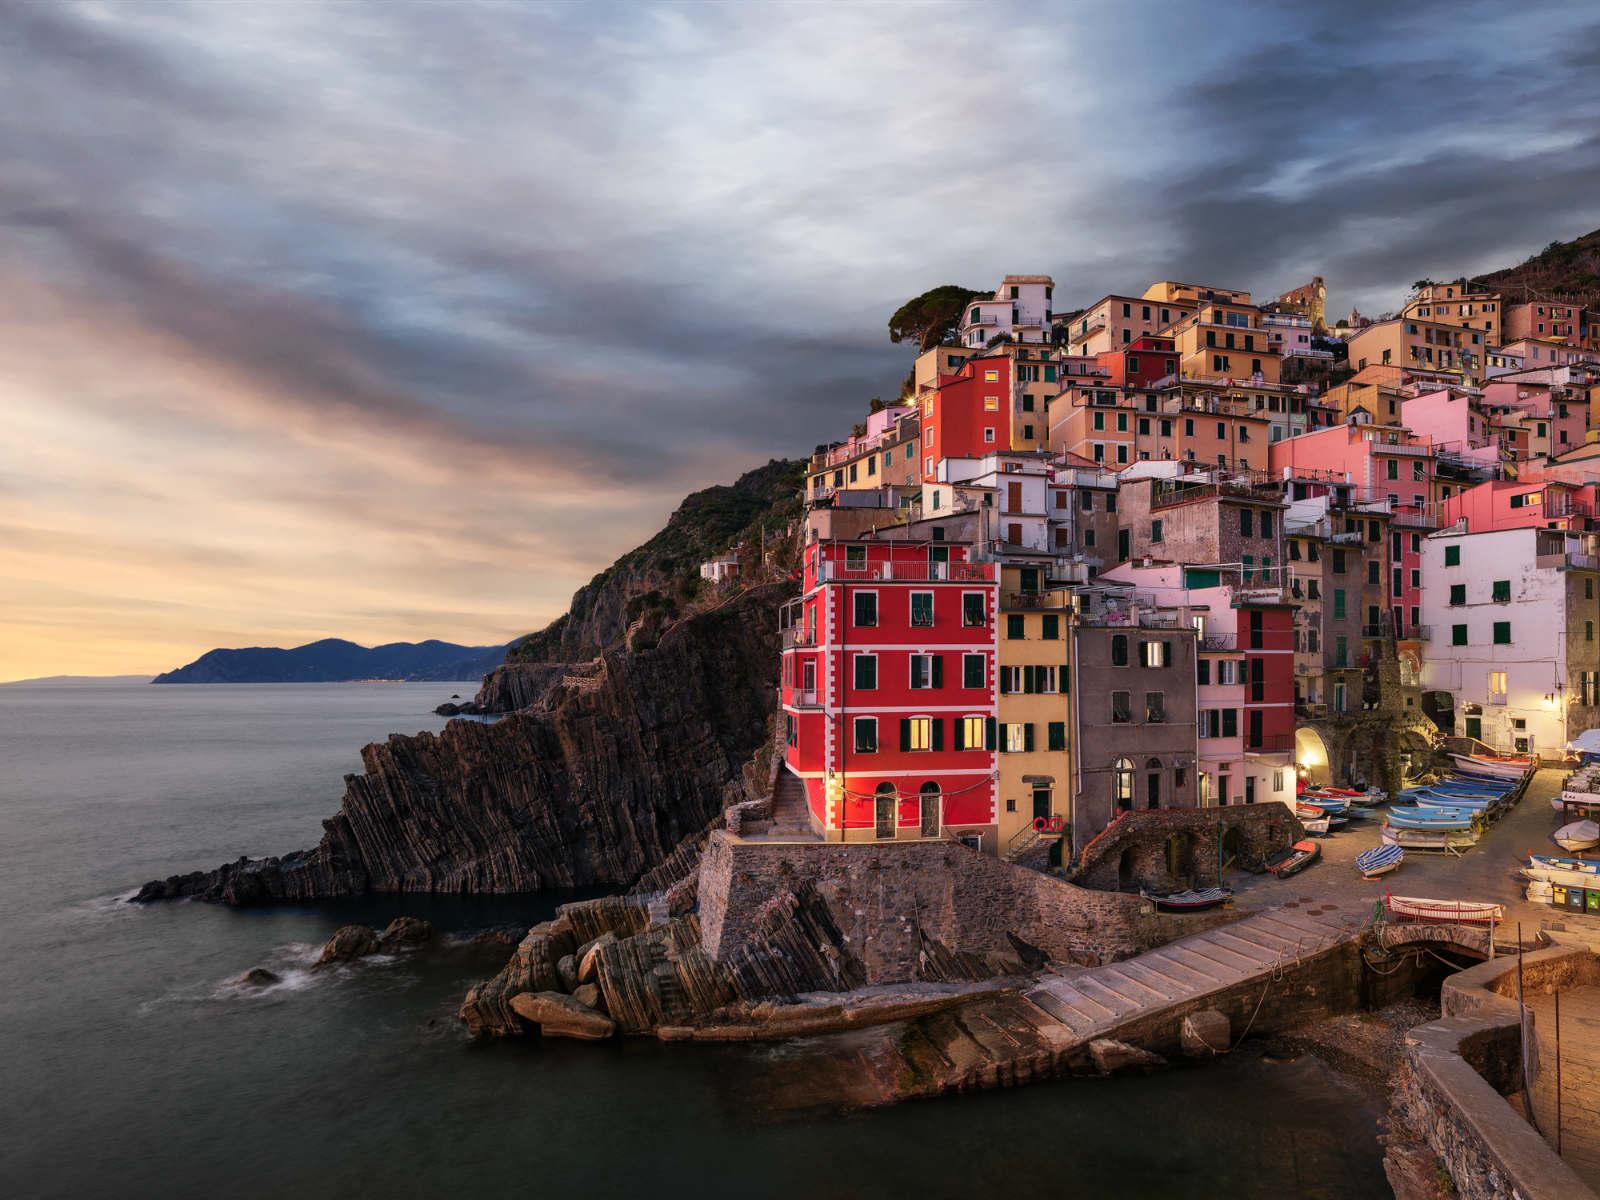 ©Simone Sbaraglia Tramonto a Riomaggiore Cinque Terre